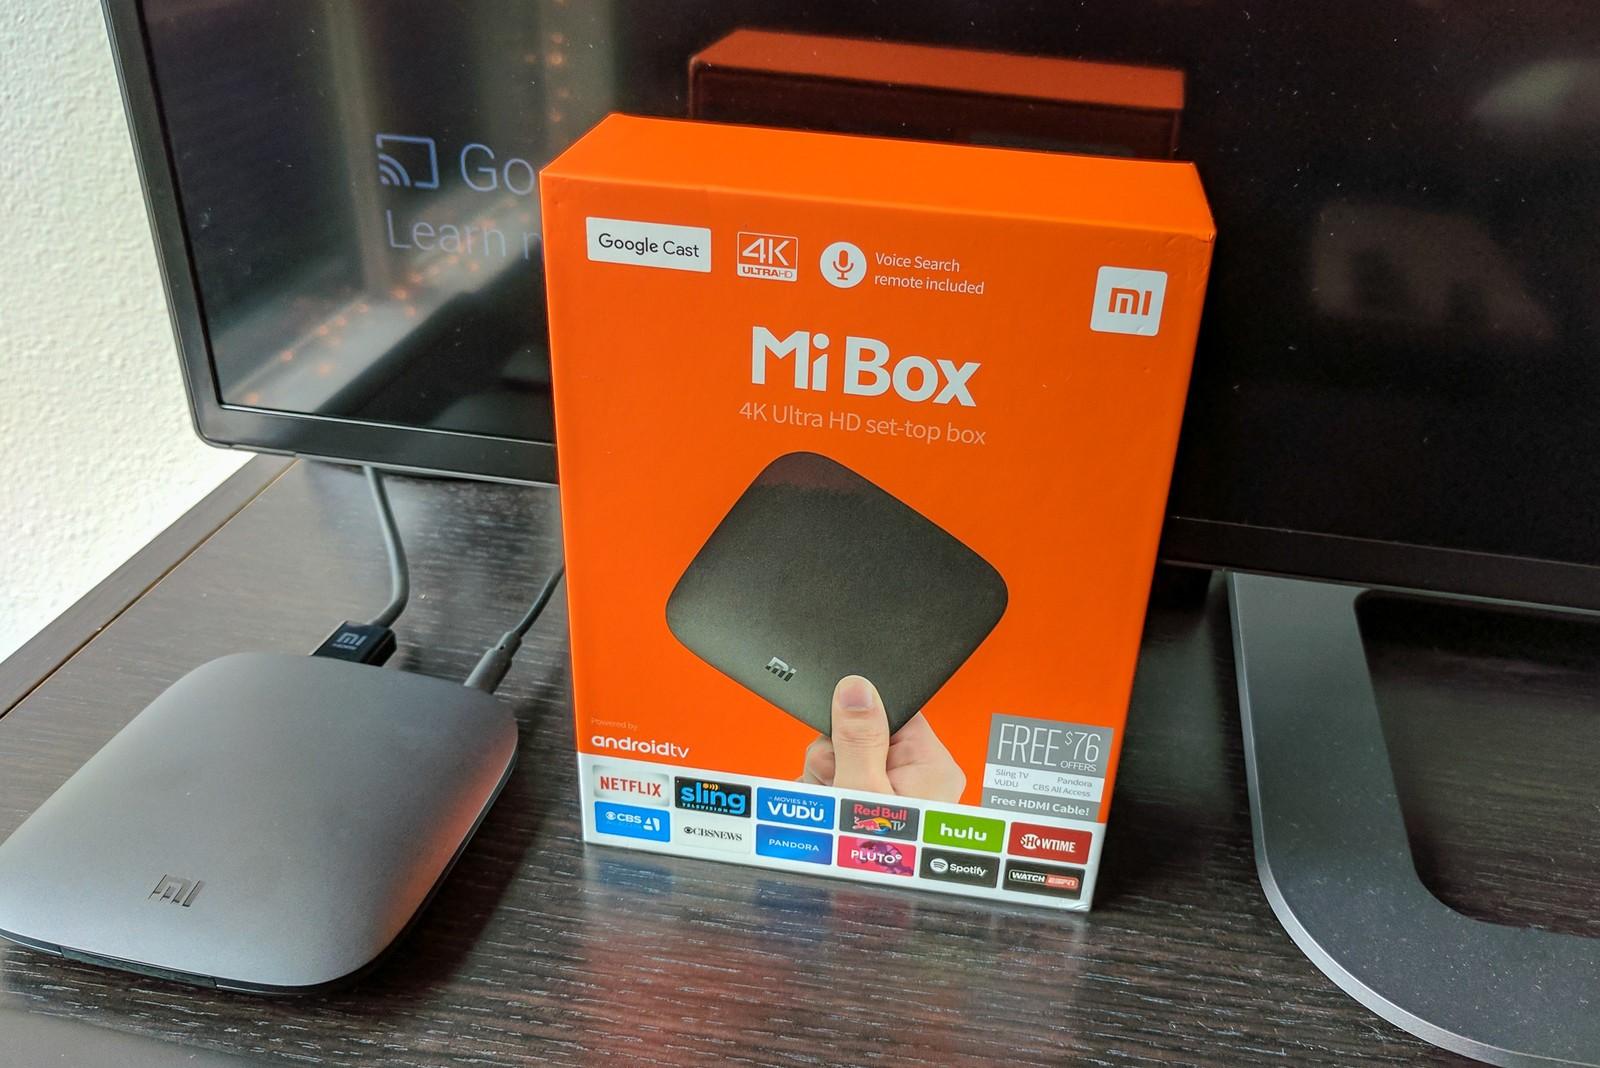 xiaomi-mi-box-packaging